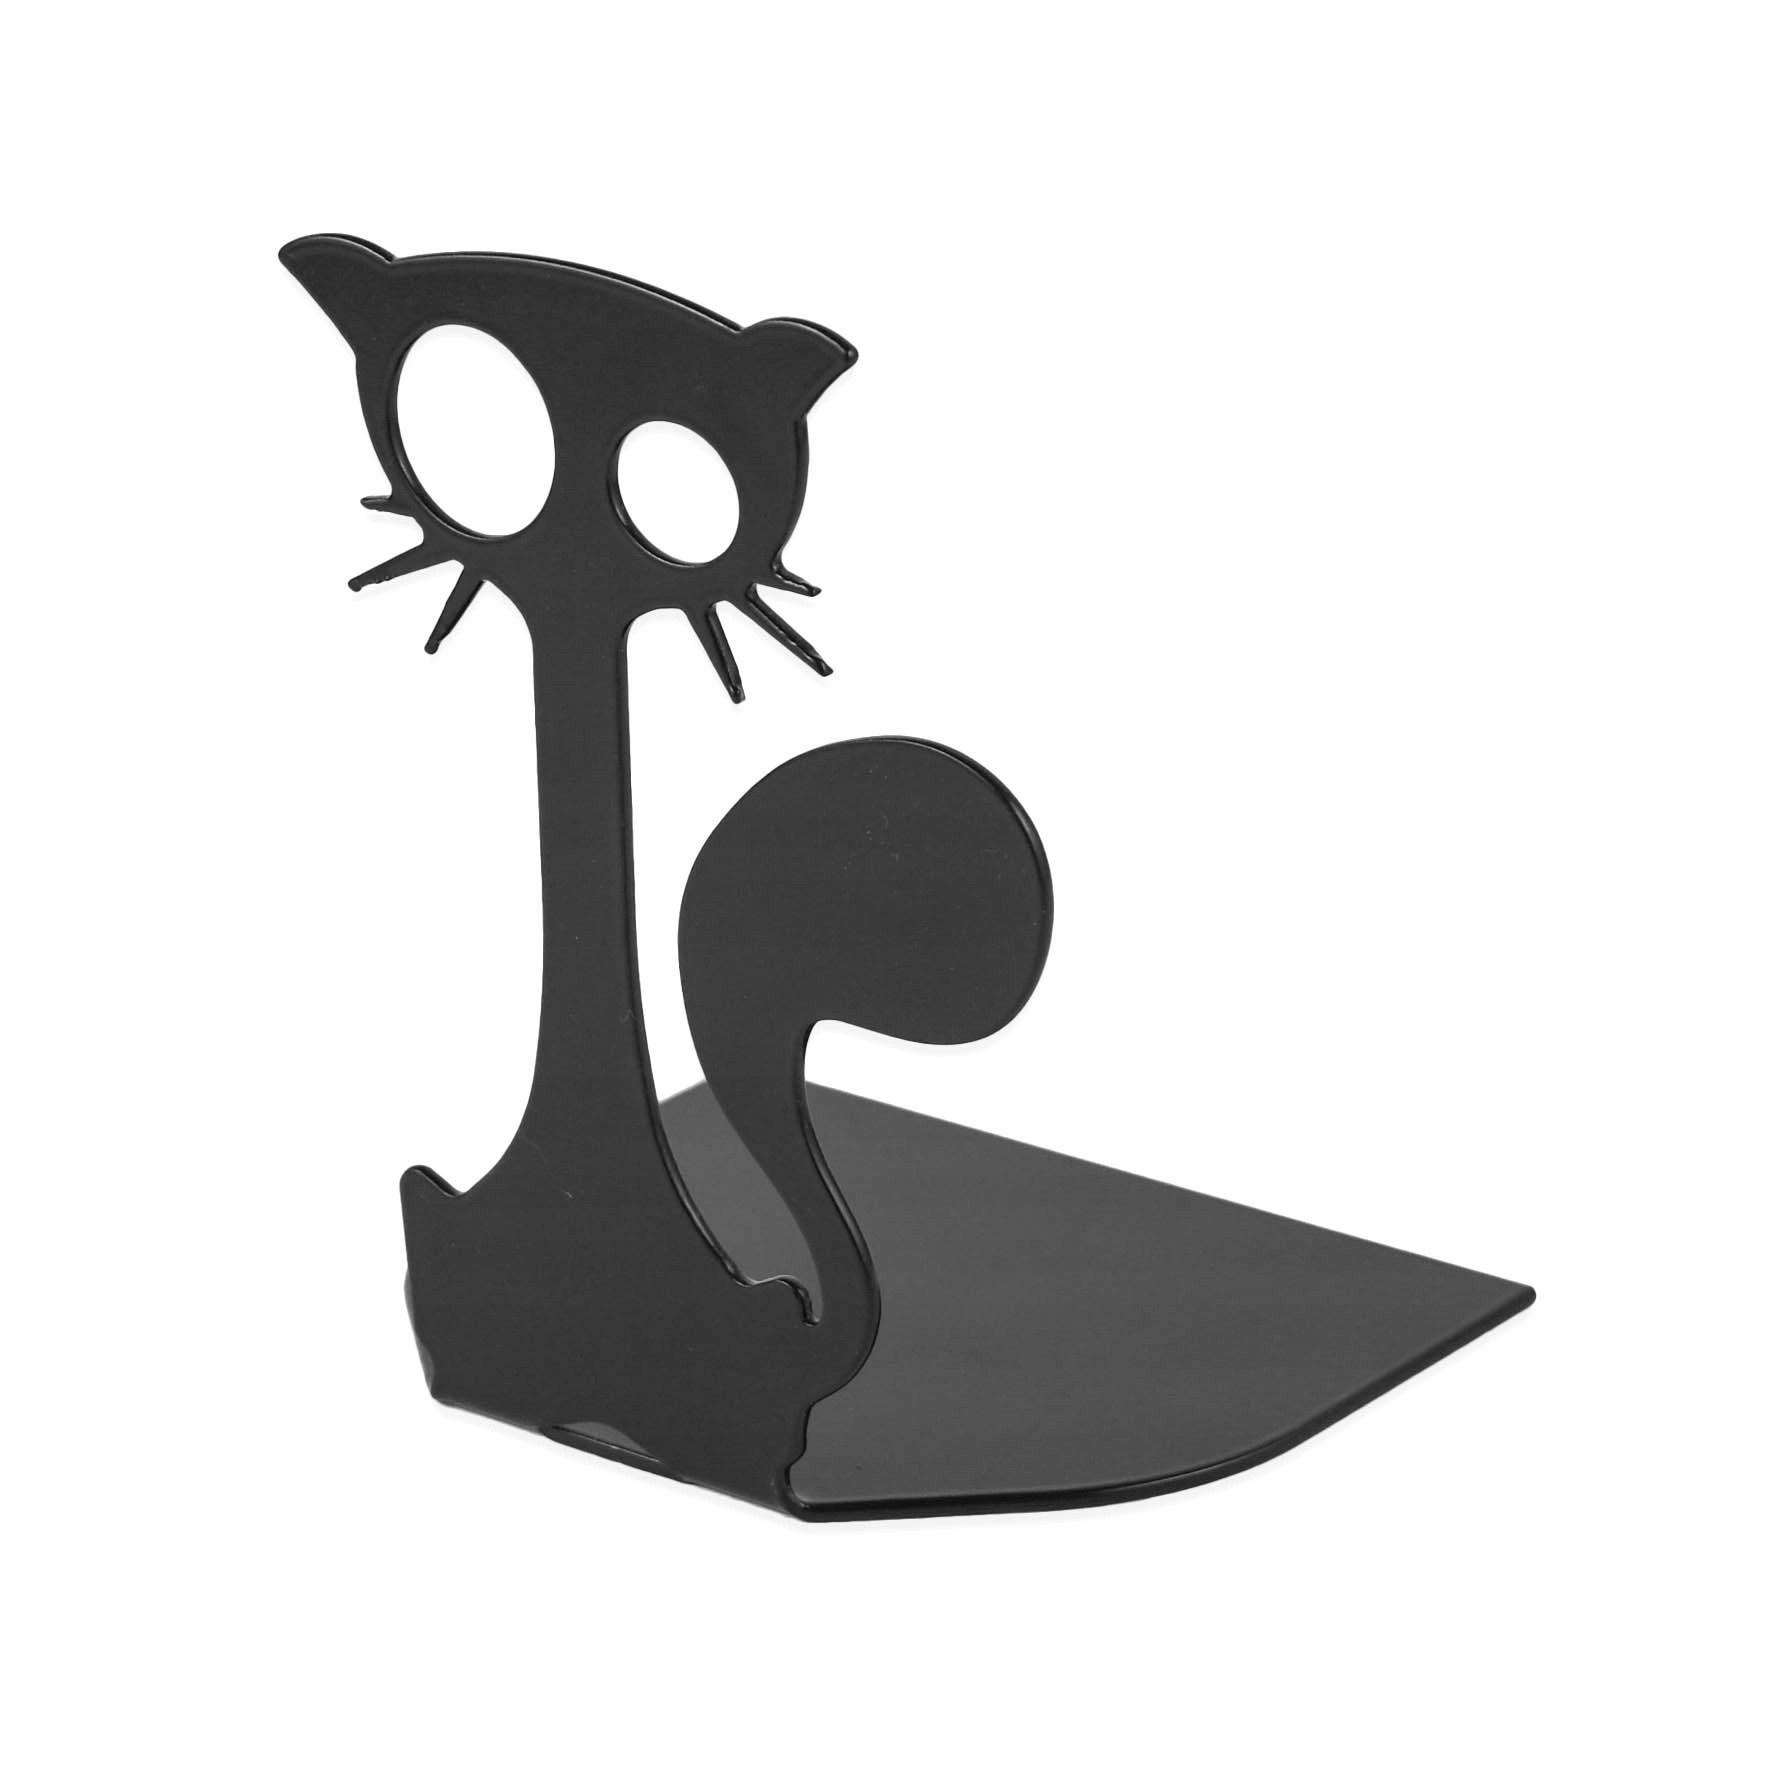 stojan na knihy kovový 10x12x8cm čierna mačka megamix.sk